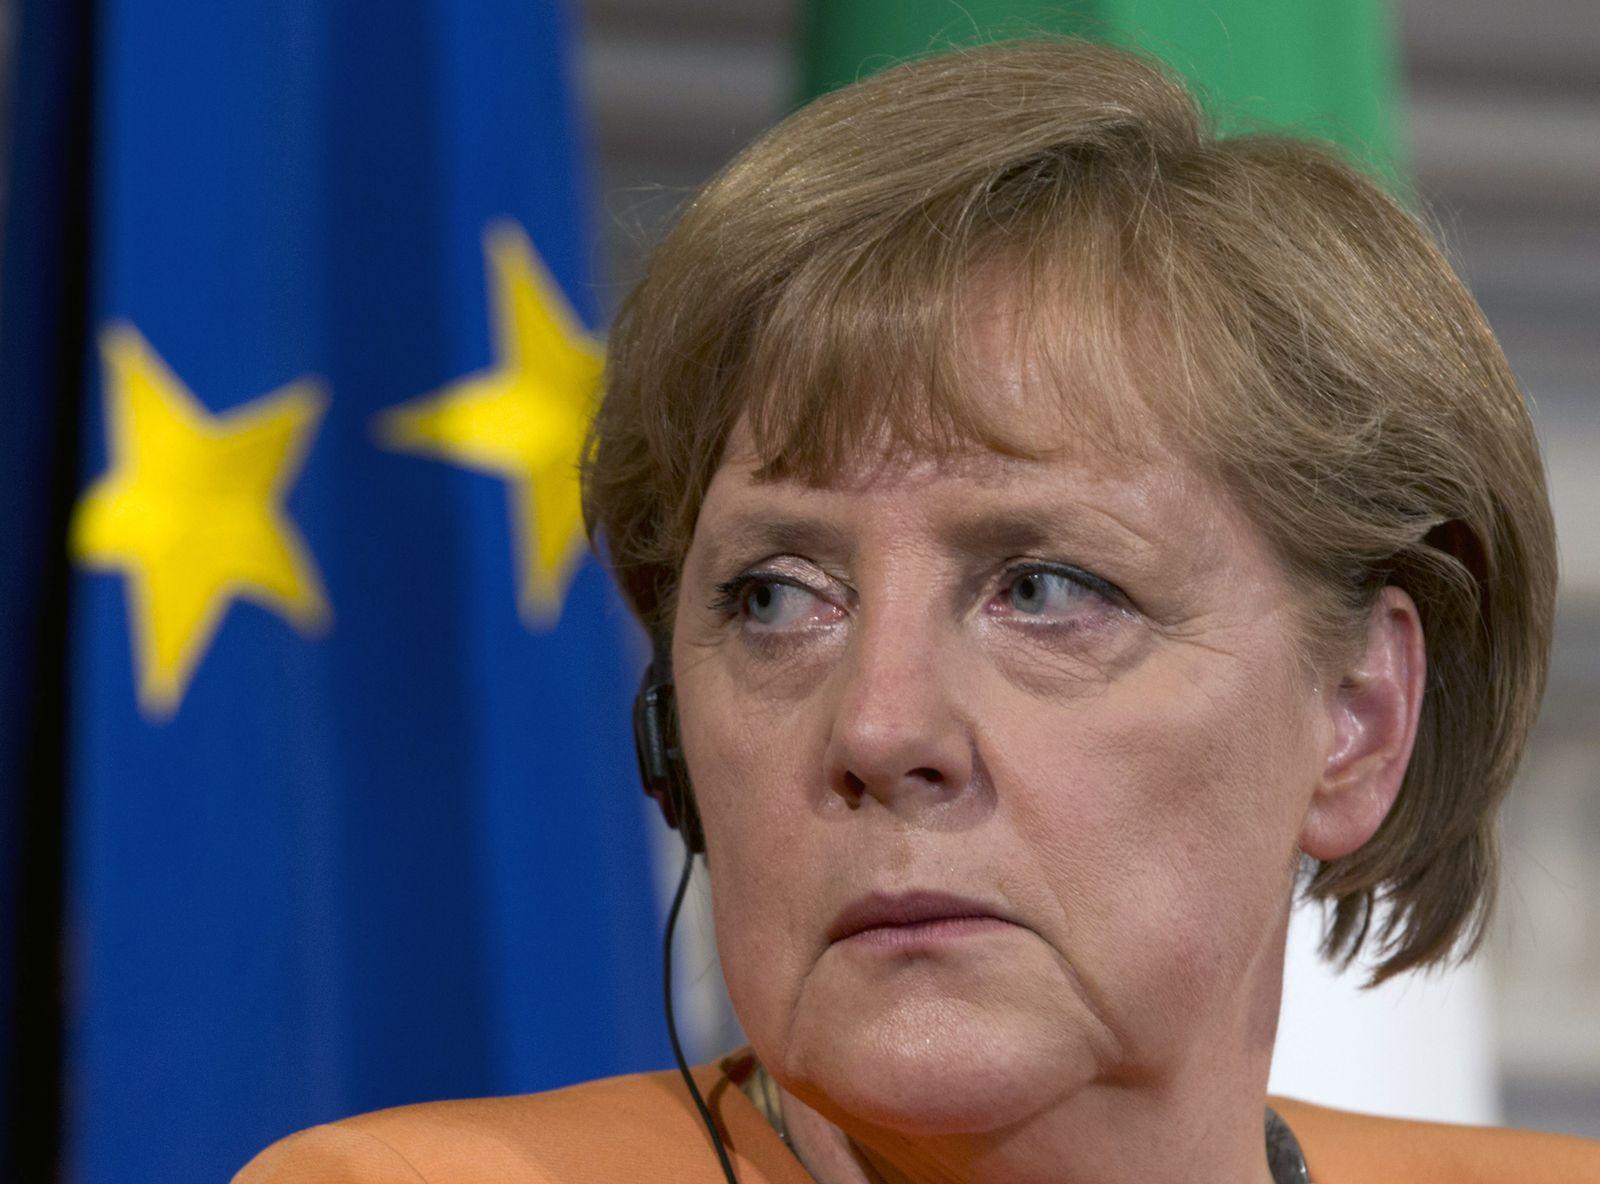 Merkel Italy Germany